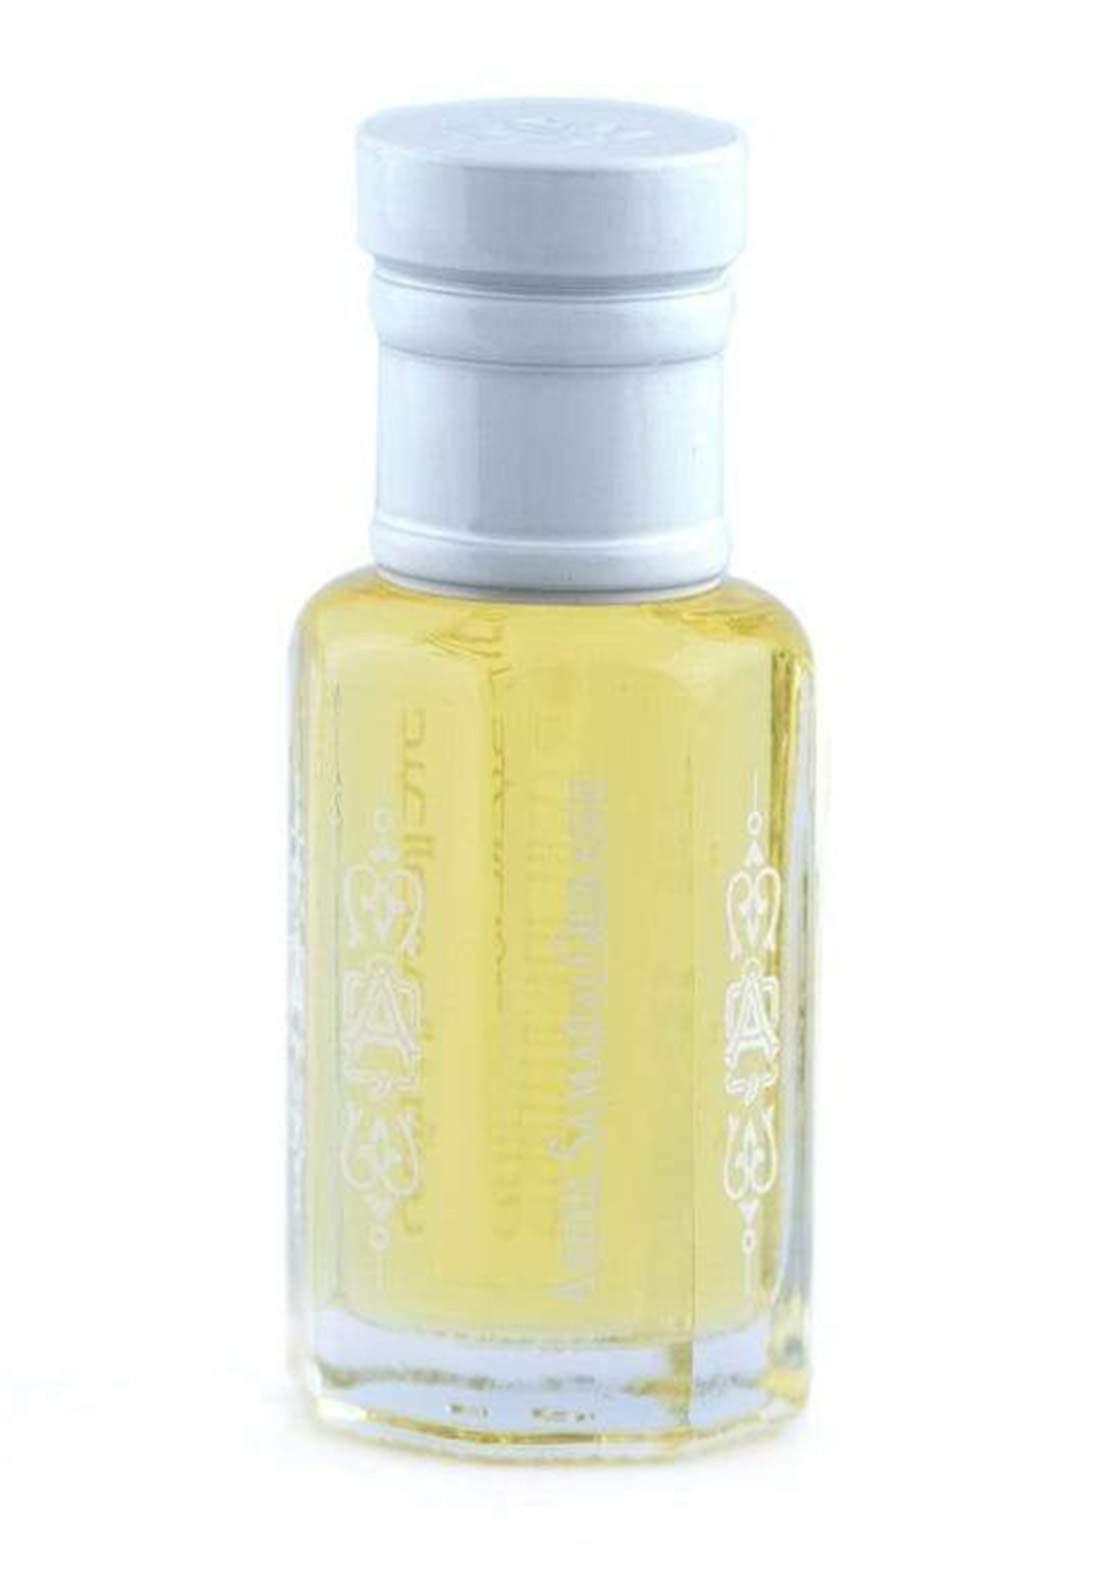 Abdul Samad Al Qurashi 11046 Nebras Perfume Oil 12ml عطر زيتي